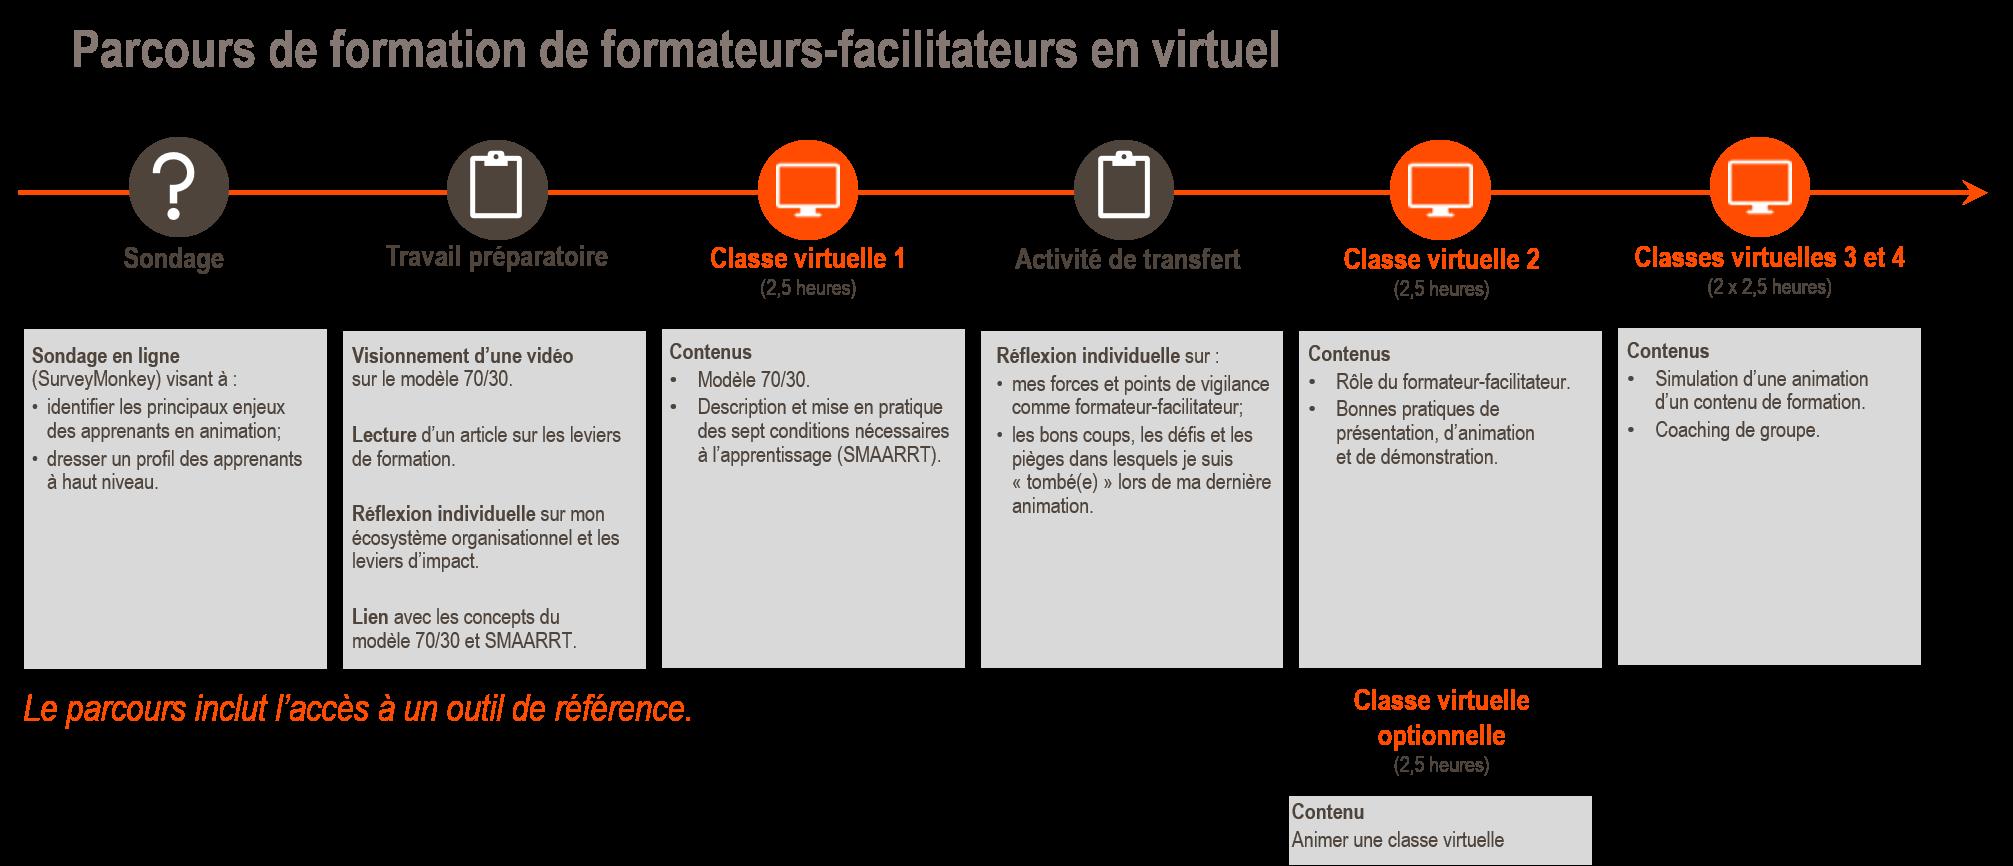 Parcours_formation_formateurs_facilitateurs_virtuel